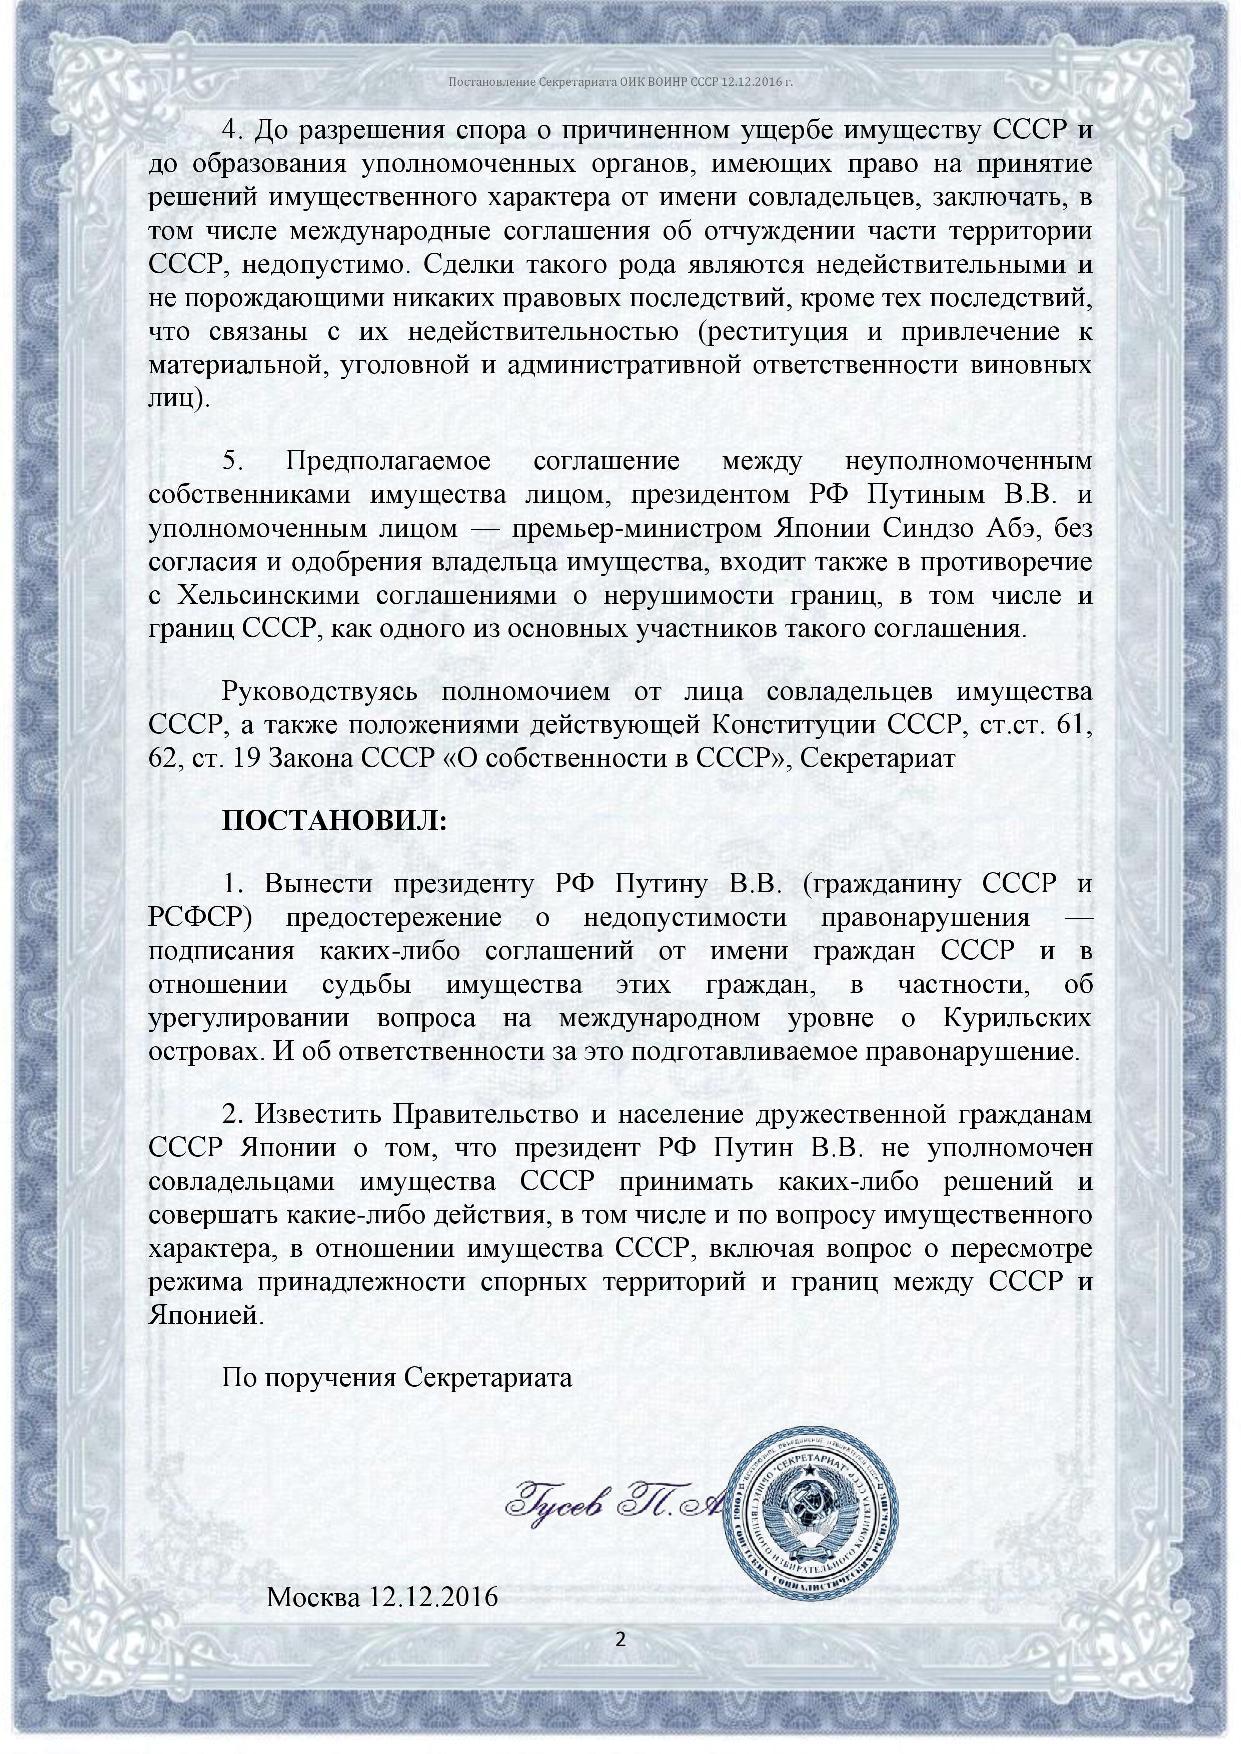 Прокуратура ссср утвердила инструкцию о едином учете преступлений в году